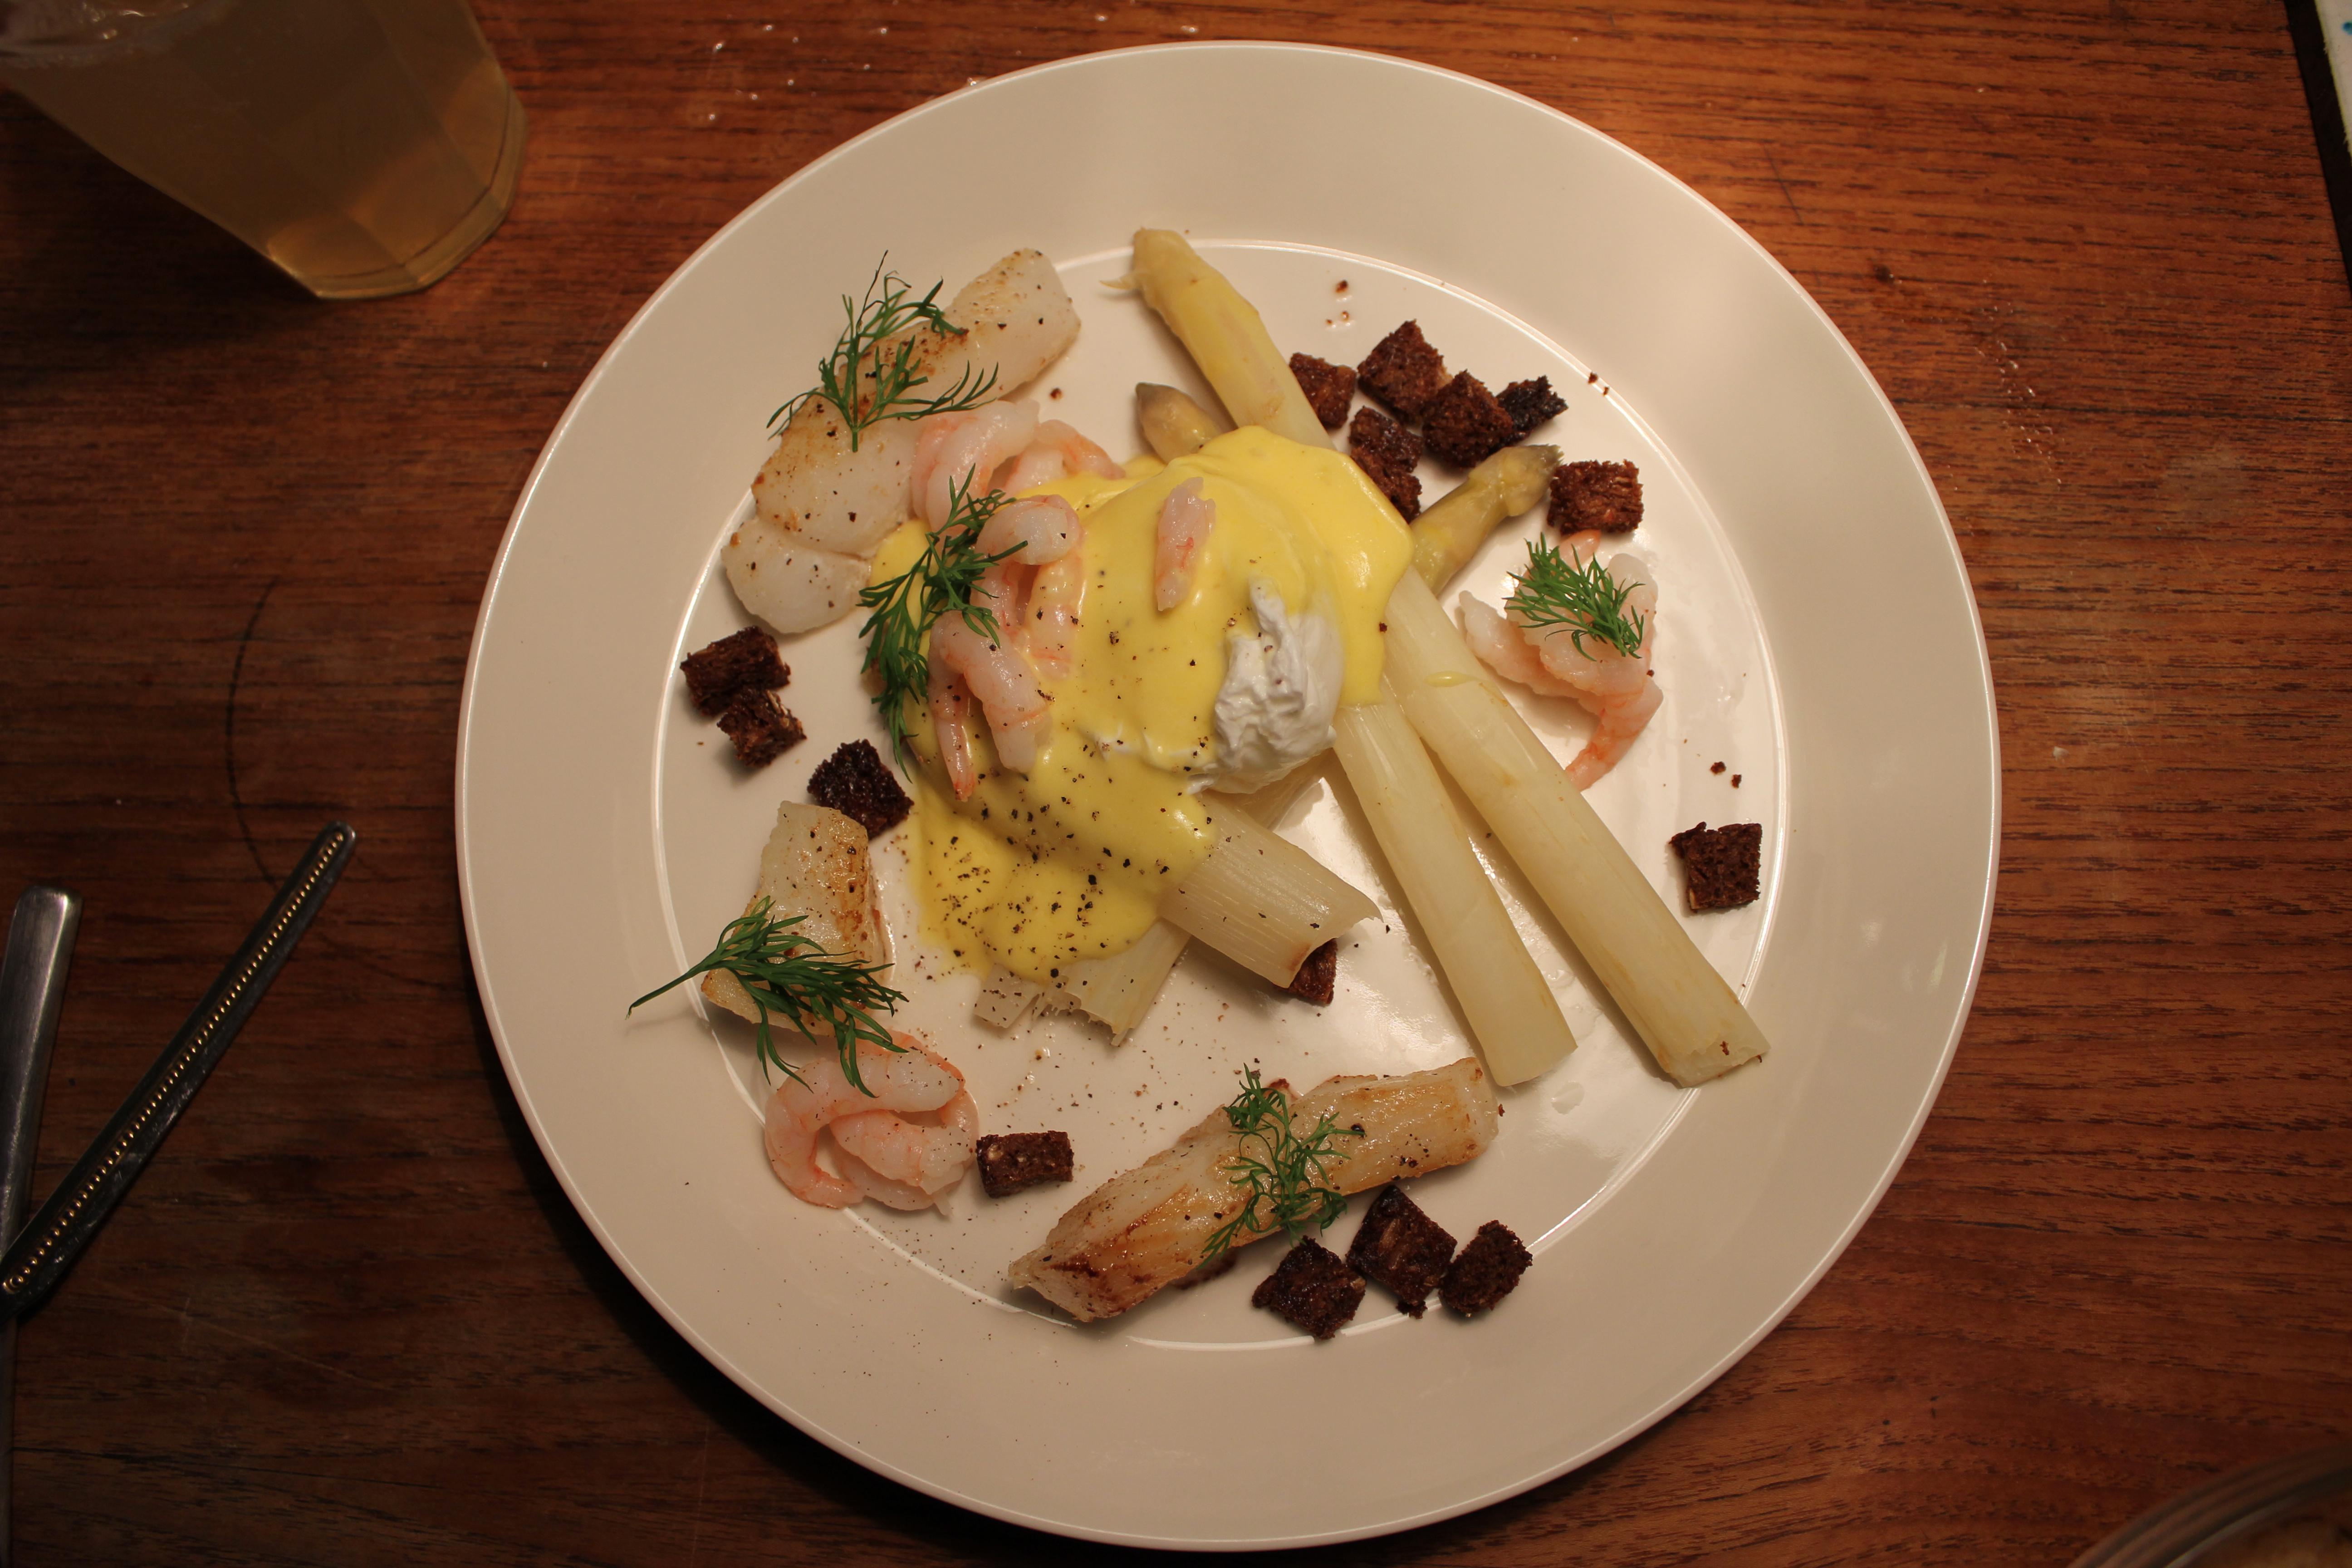 Hvide asparges med pocheret æg, hollandaise, hellefisk og rejer | Brøgger & Mikkelsen